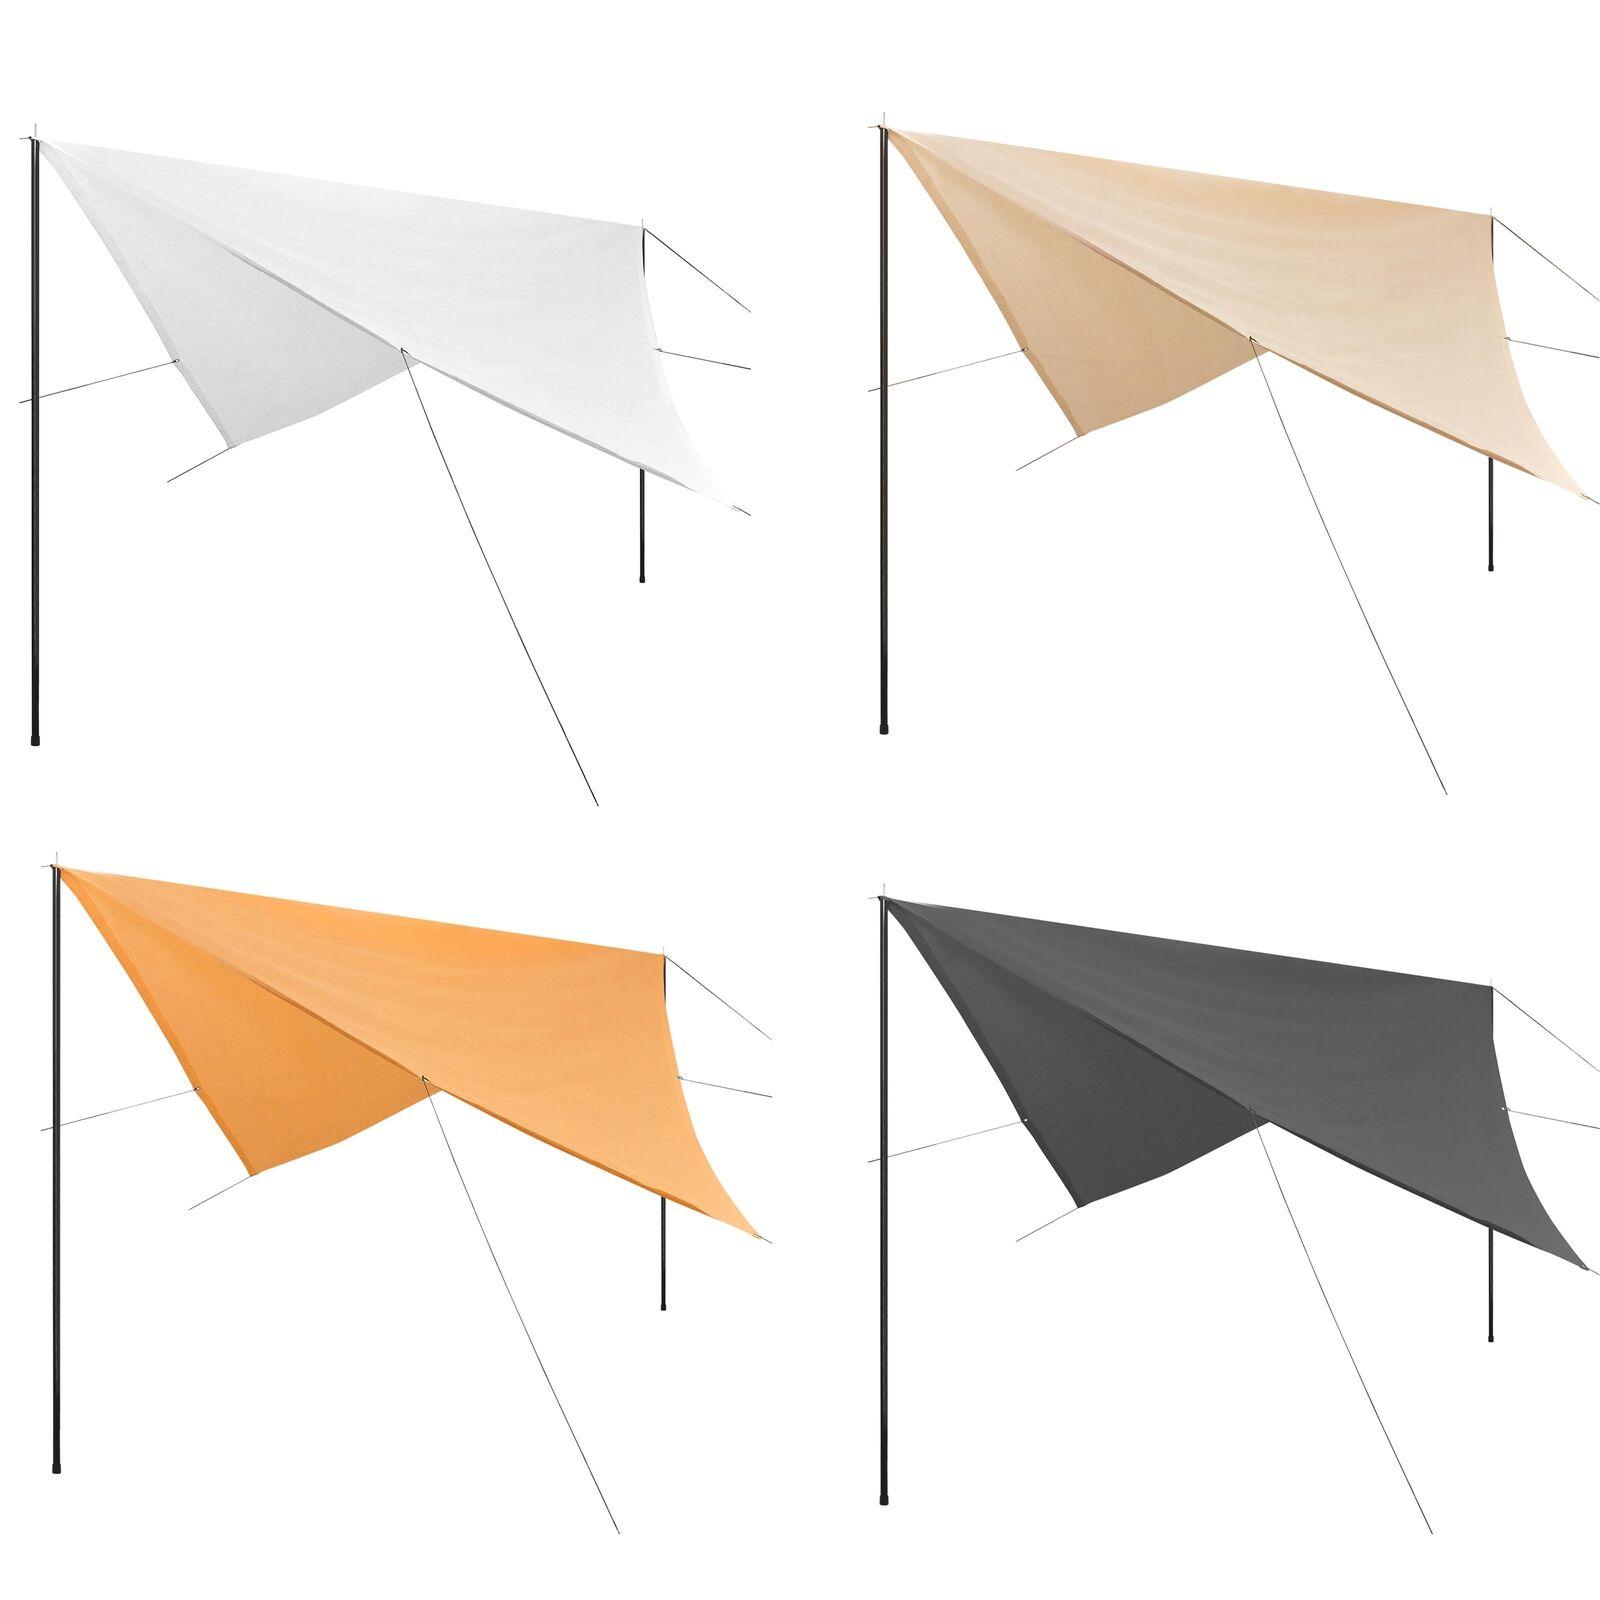 VidaXL Sonnensegel HDPE Quadrat Sonnenschutz Beschattung mehrere Auswahl | Fierce Kaufen  | Qualität Produkt  | Deutschland Frankfurt